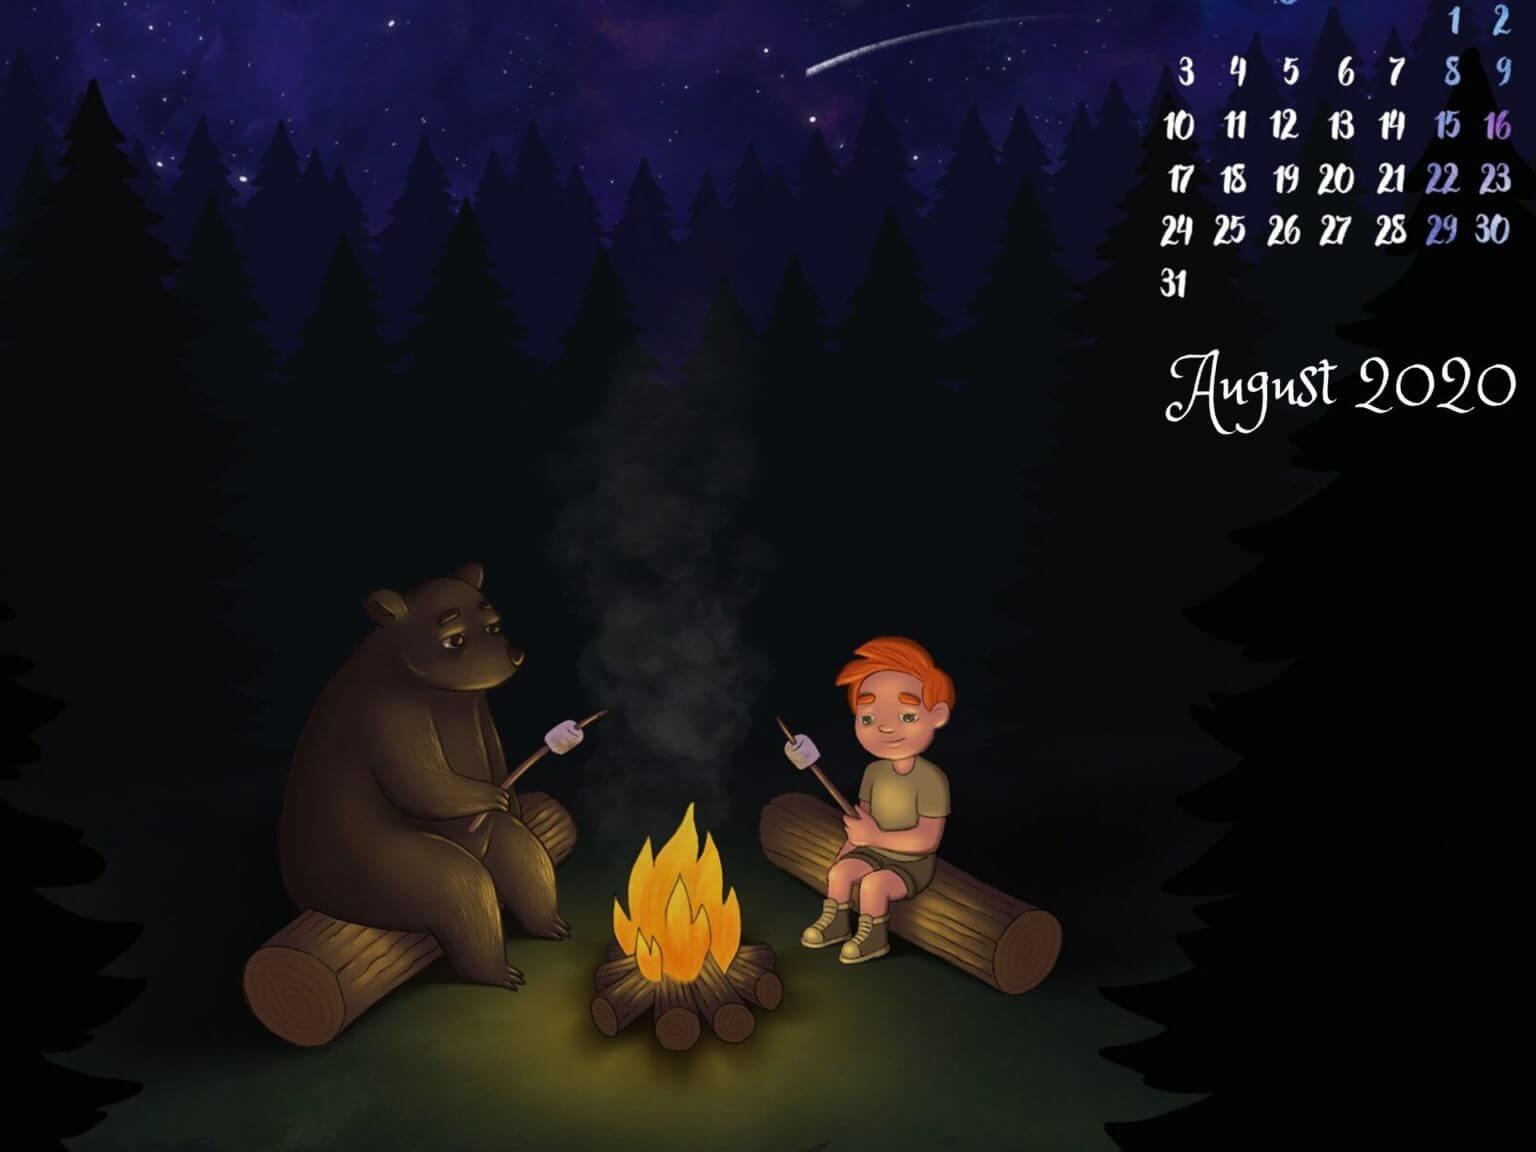 August 2020 Desktop Background Calendar